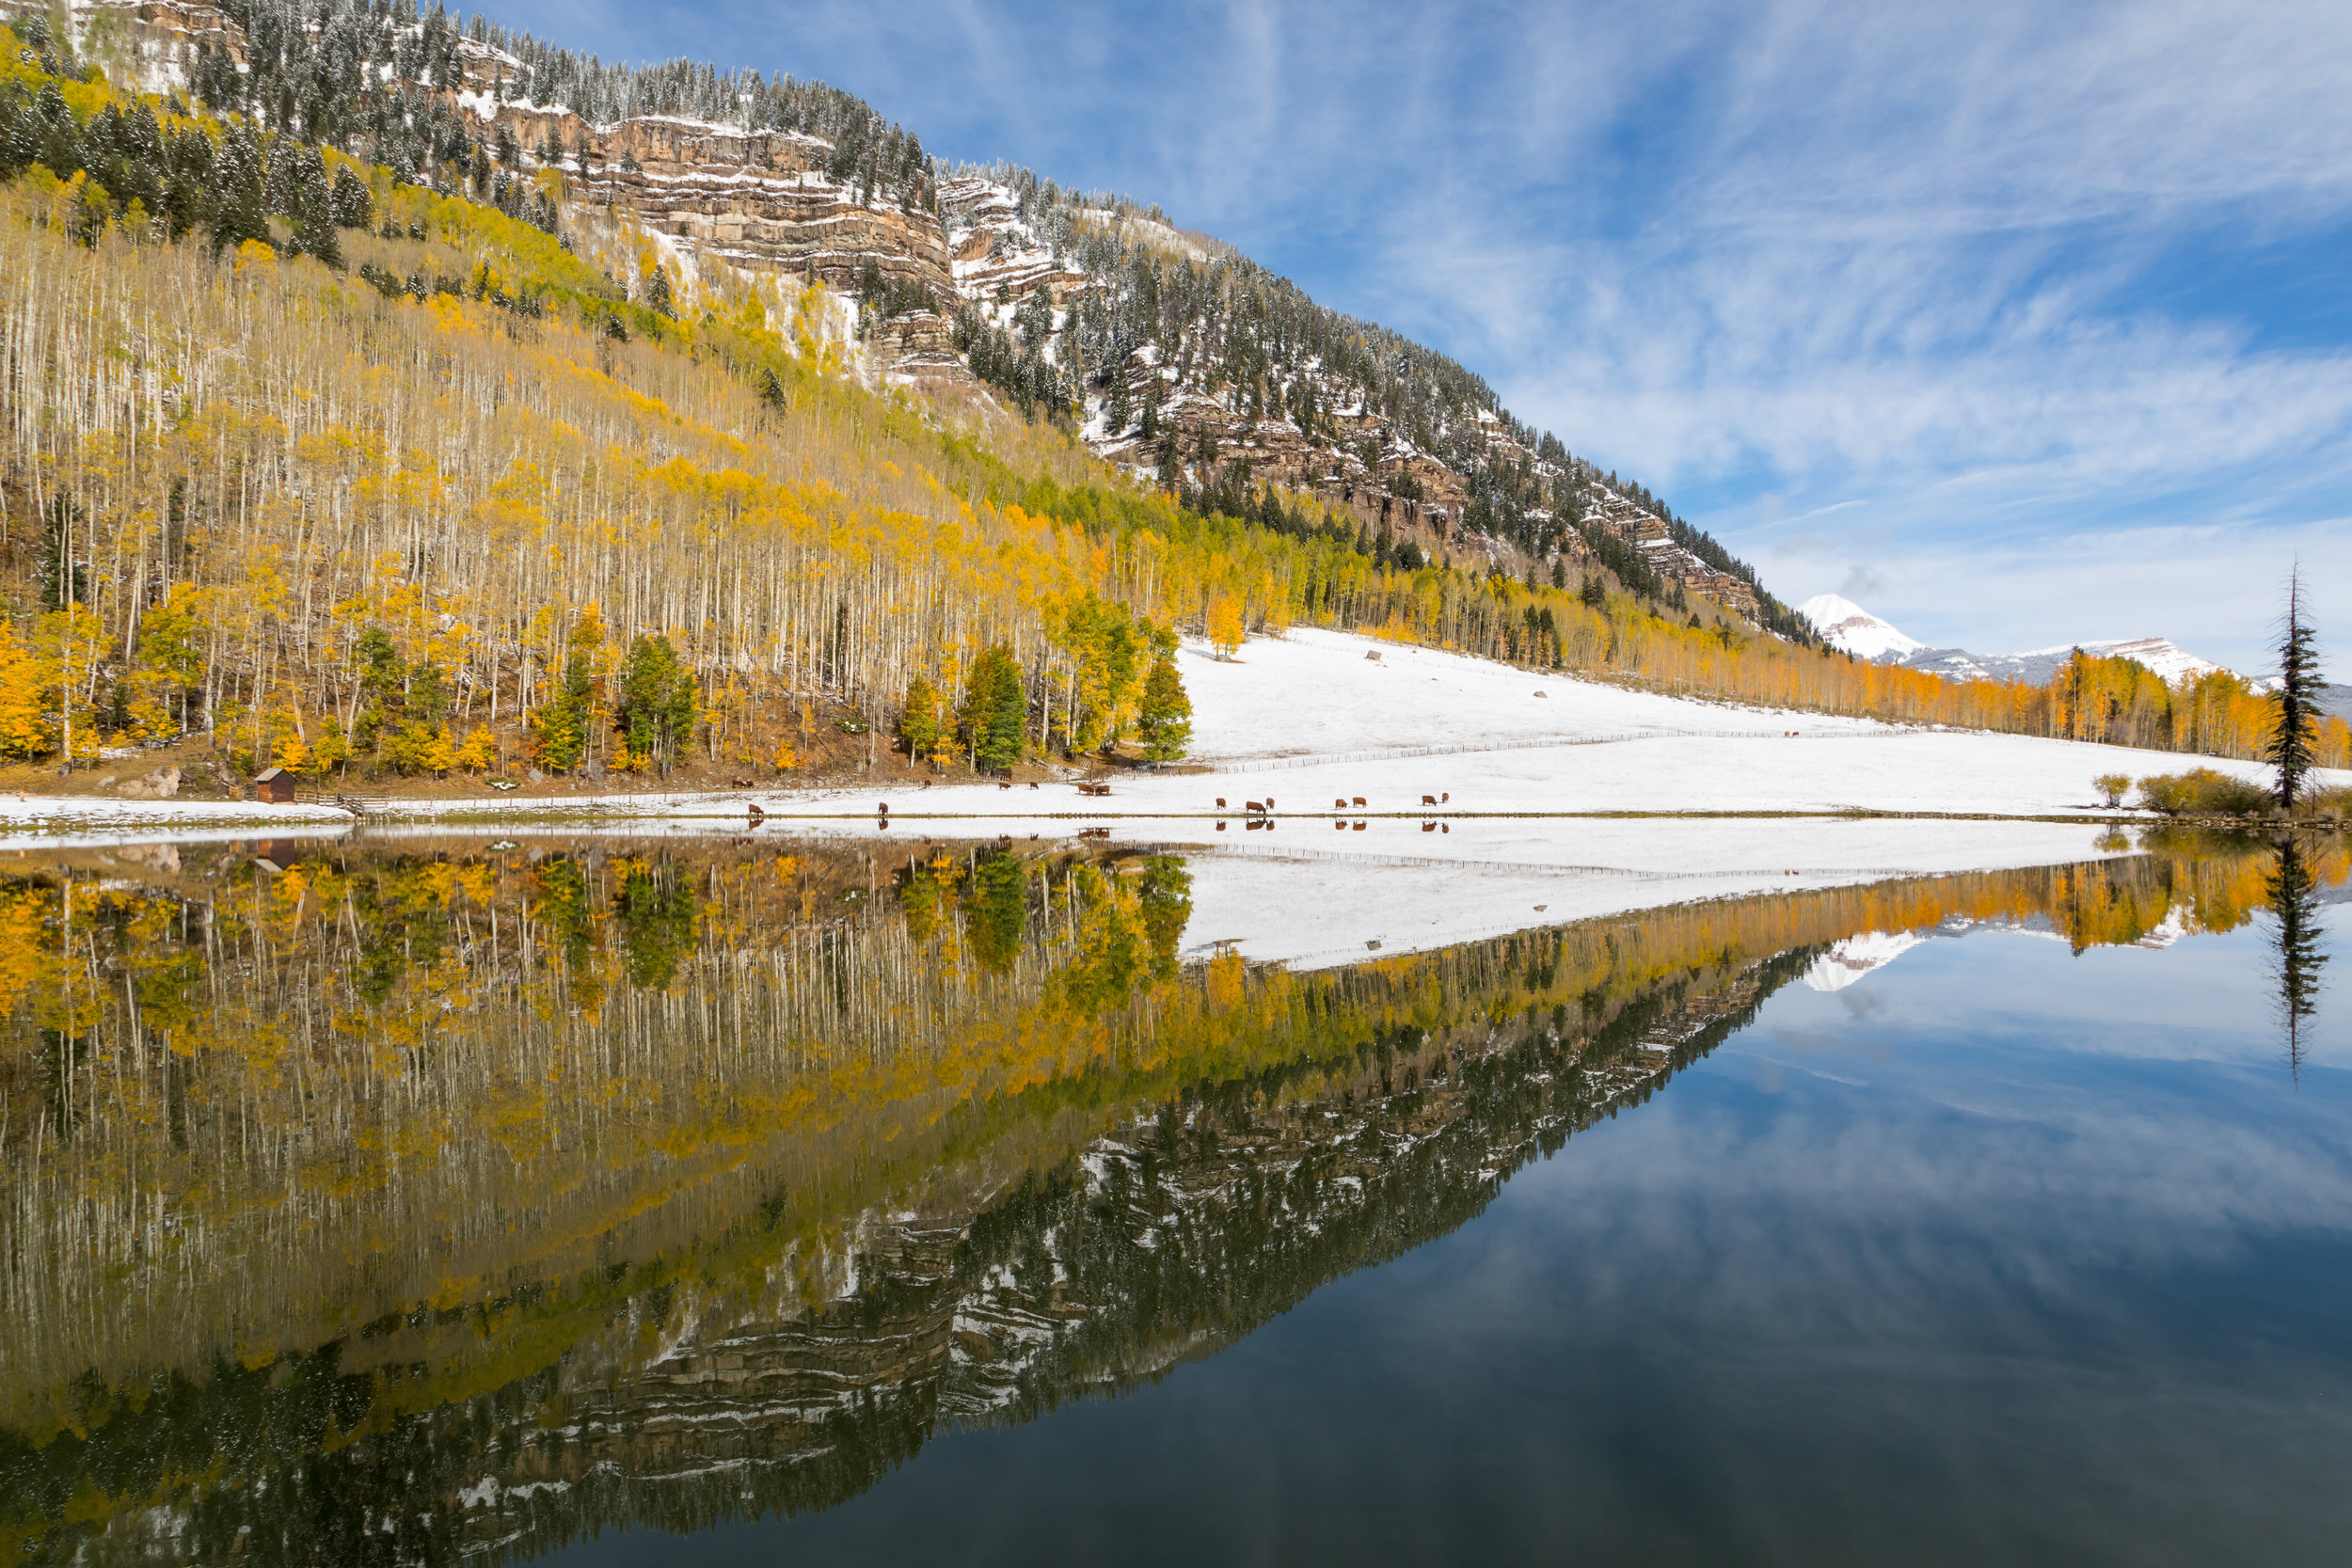 Hotter Pond, Image # 9724